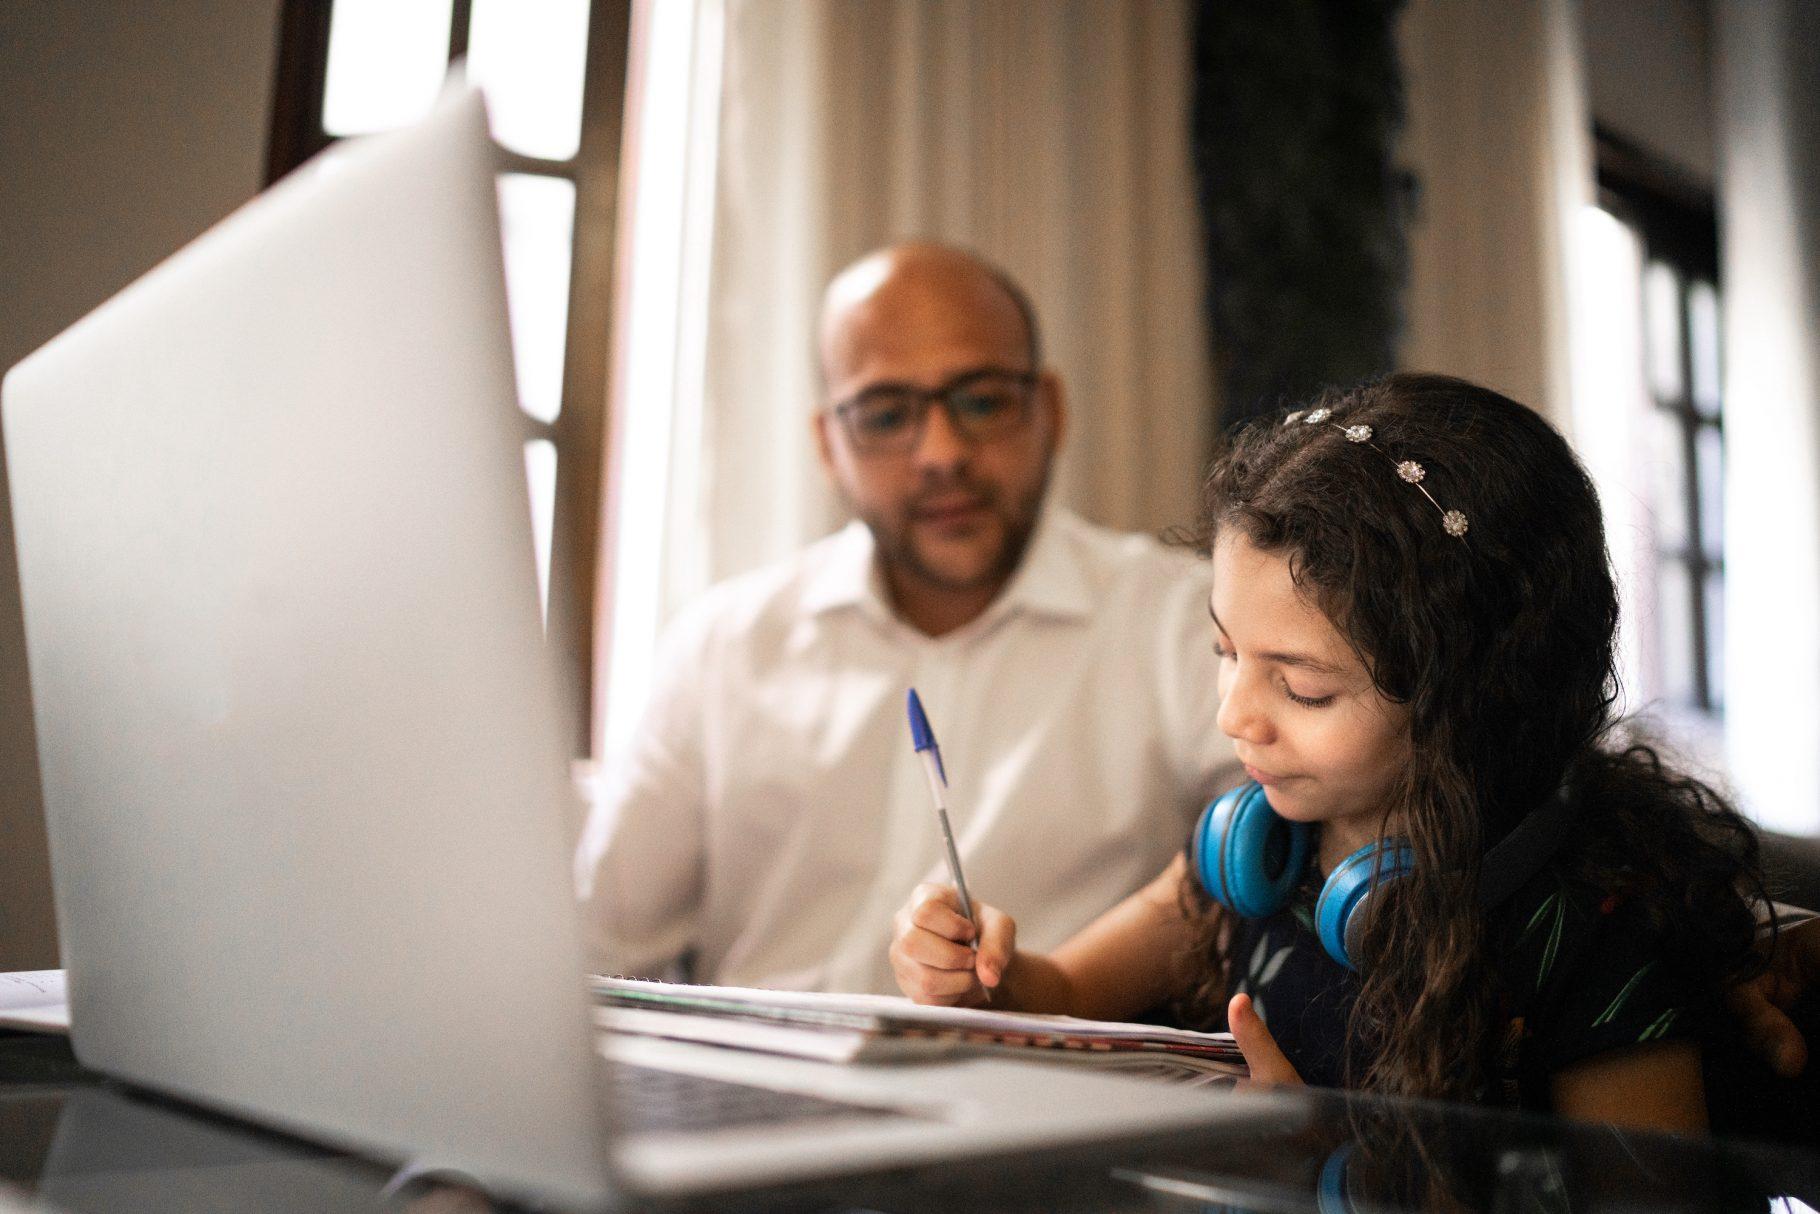 zoom focus mode crianca casa estudo aulas pc